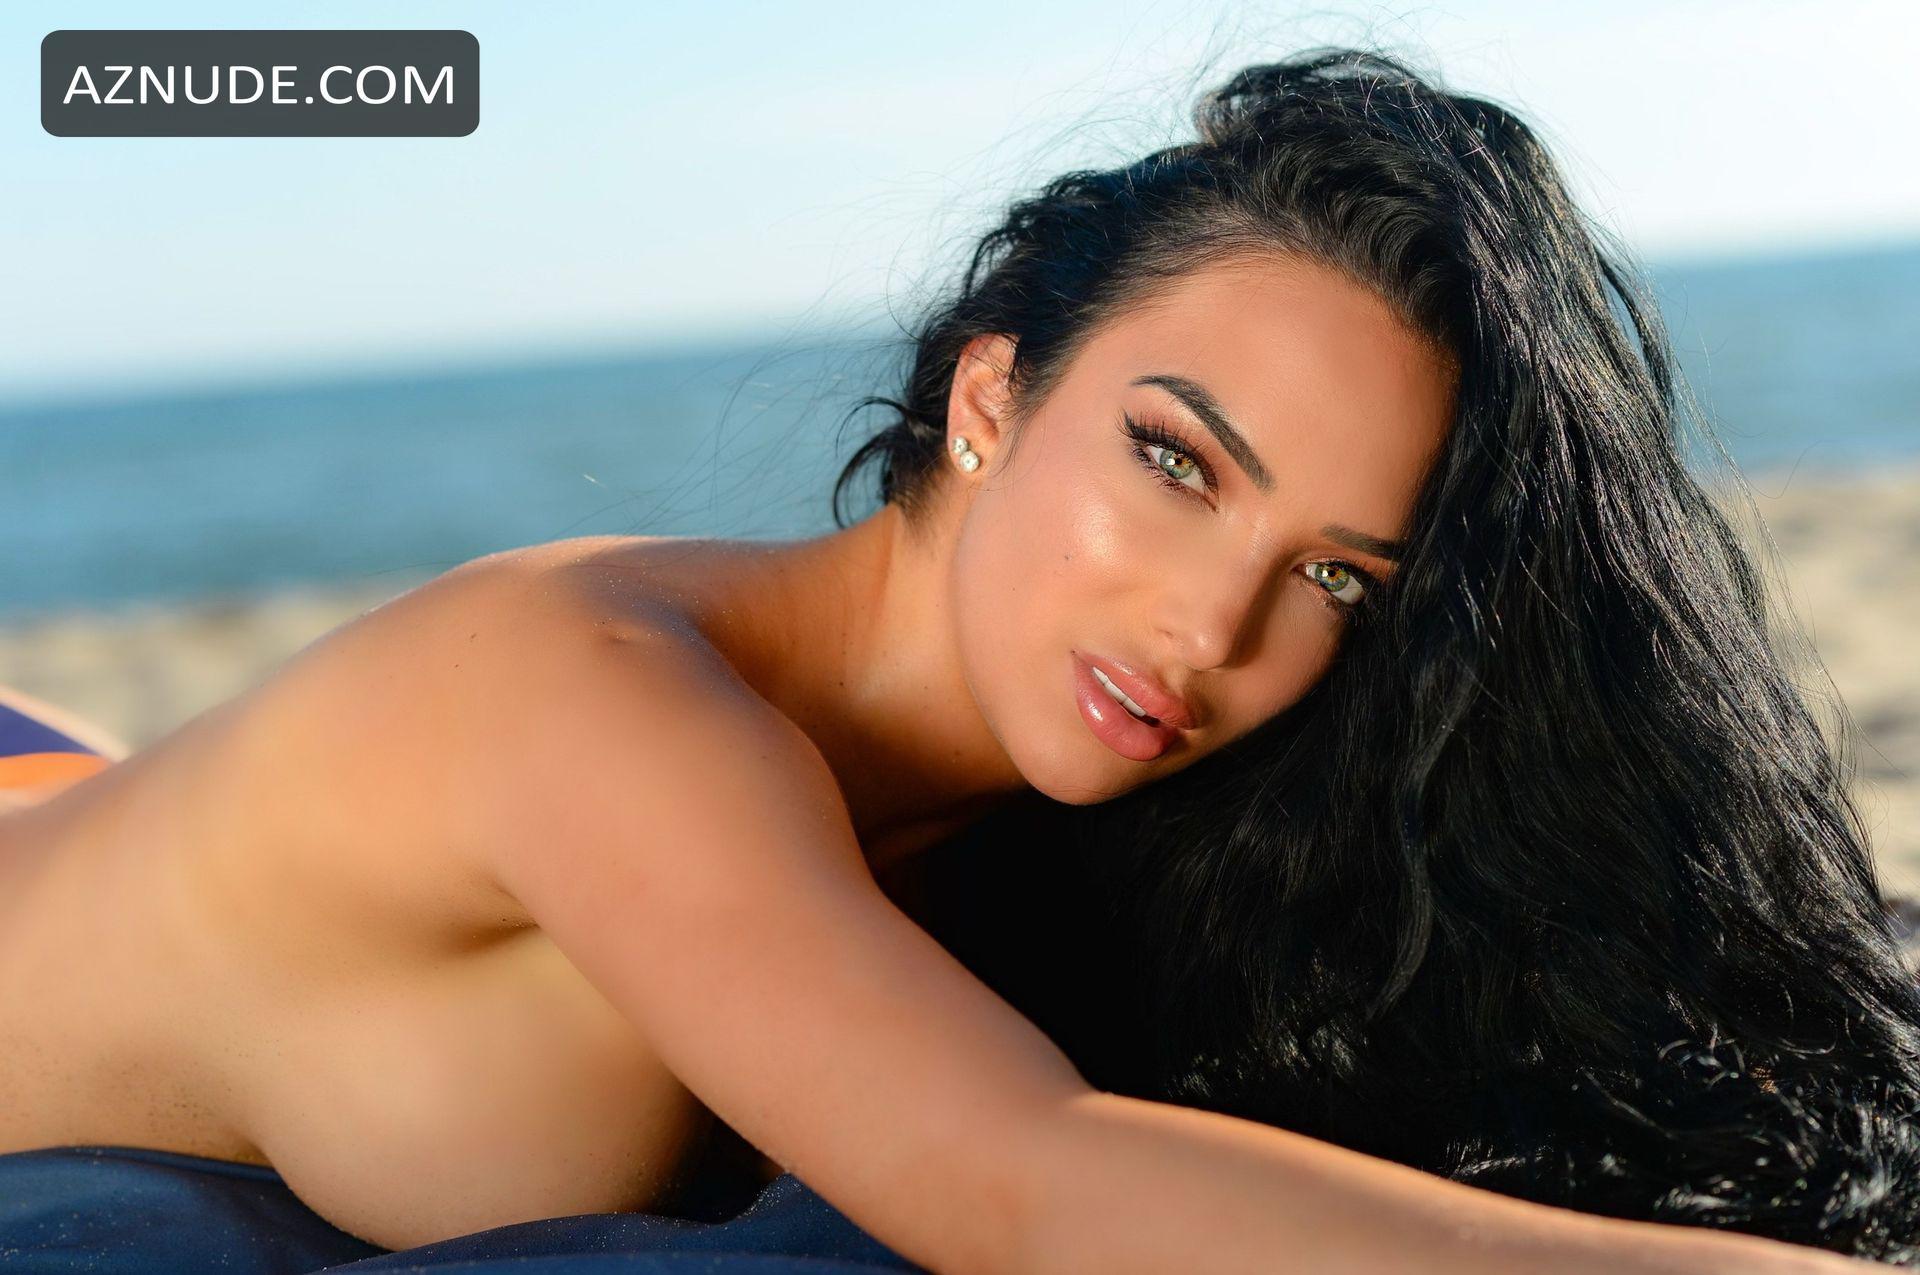 Barry nackt Shahira  Irish model